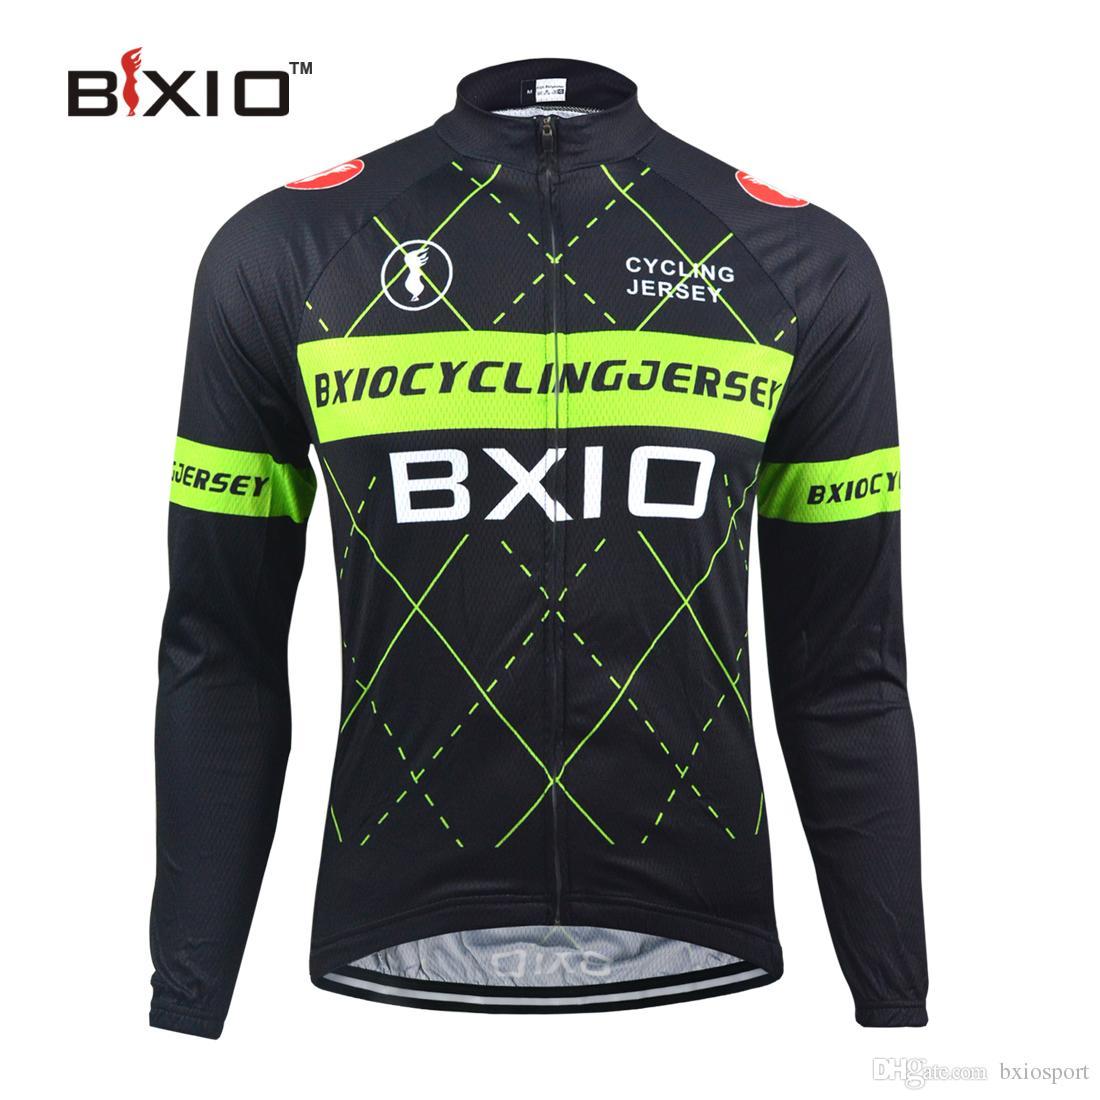 Compre BXIO Inverno Térmica Velo Ciclismo Jersey Só Pro Bicicleta Jersey Quente  Mangas Compridas Roupas De Bicicleta Outono Maillot Ciclismo BX 0109HG018P  ... 633be7526c6fd